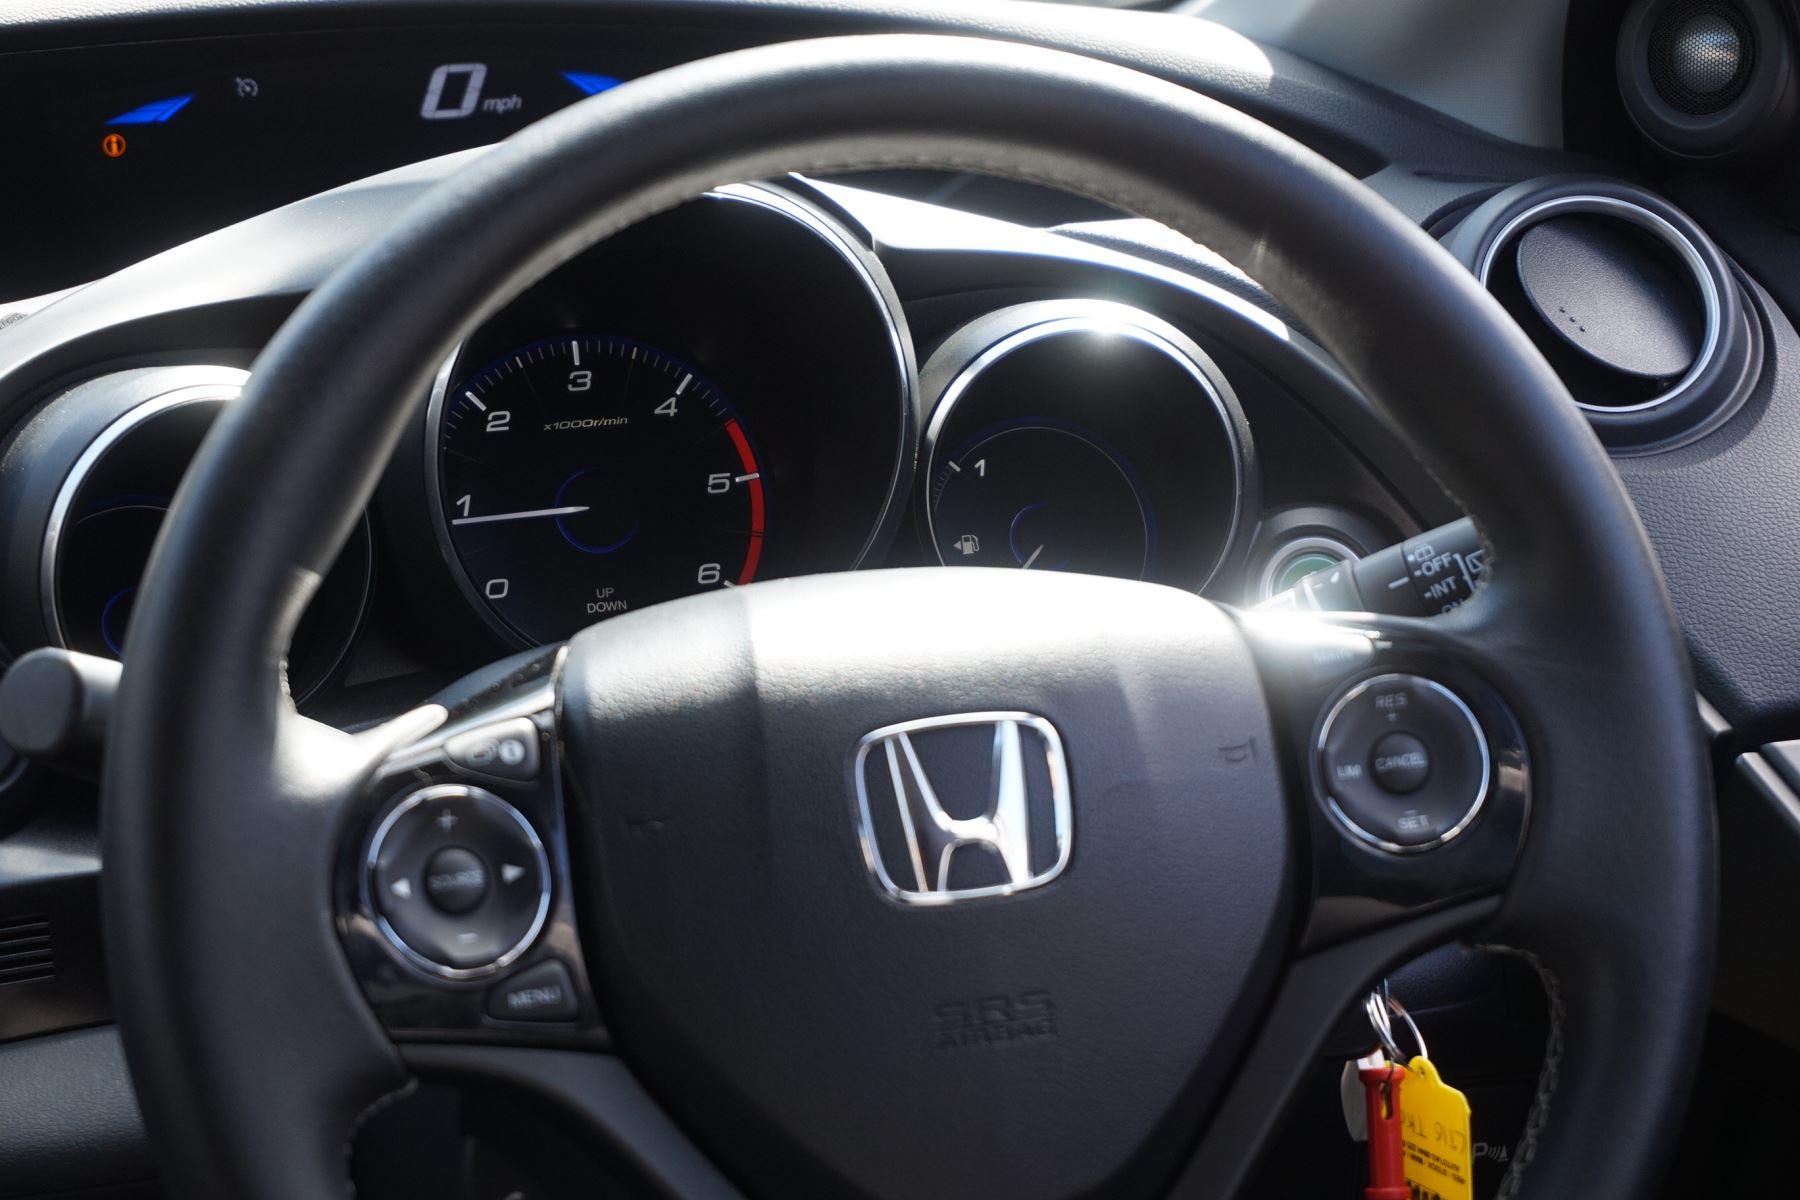 Honda Civic 1.6 i-DTEC SR 5dr image 12